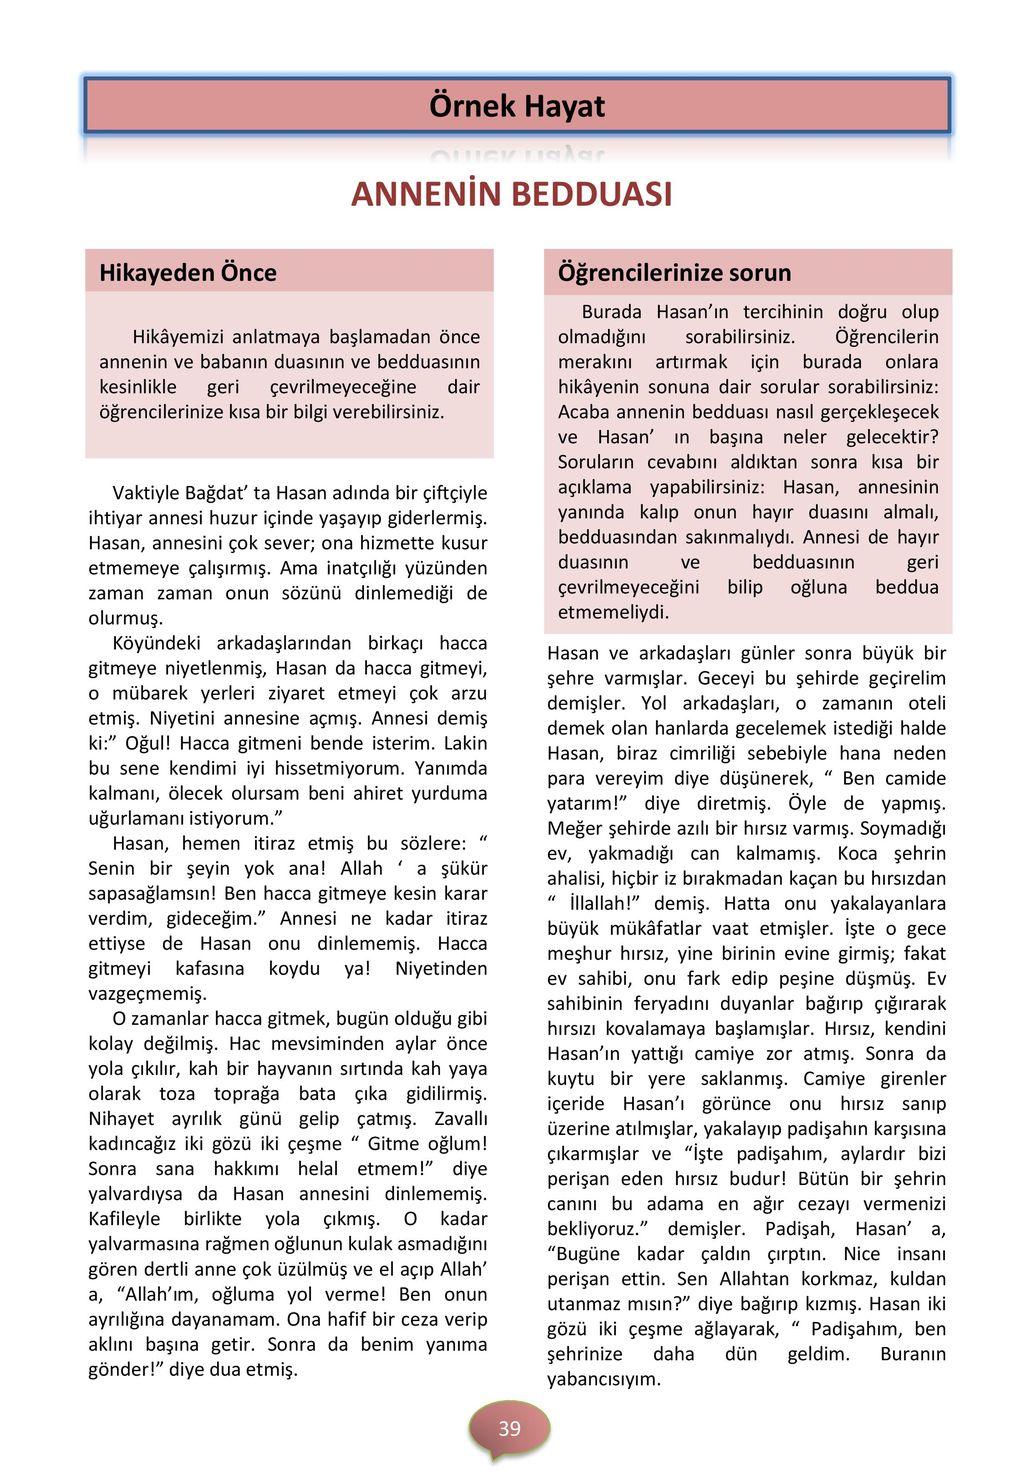 Rusya Federasyonu topraklarında evlenme şartları ve usulü ve evlenme evliliğinin belirlenmesi. Evlilik yaşından istisnalar 55